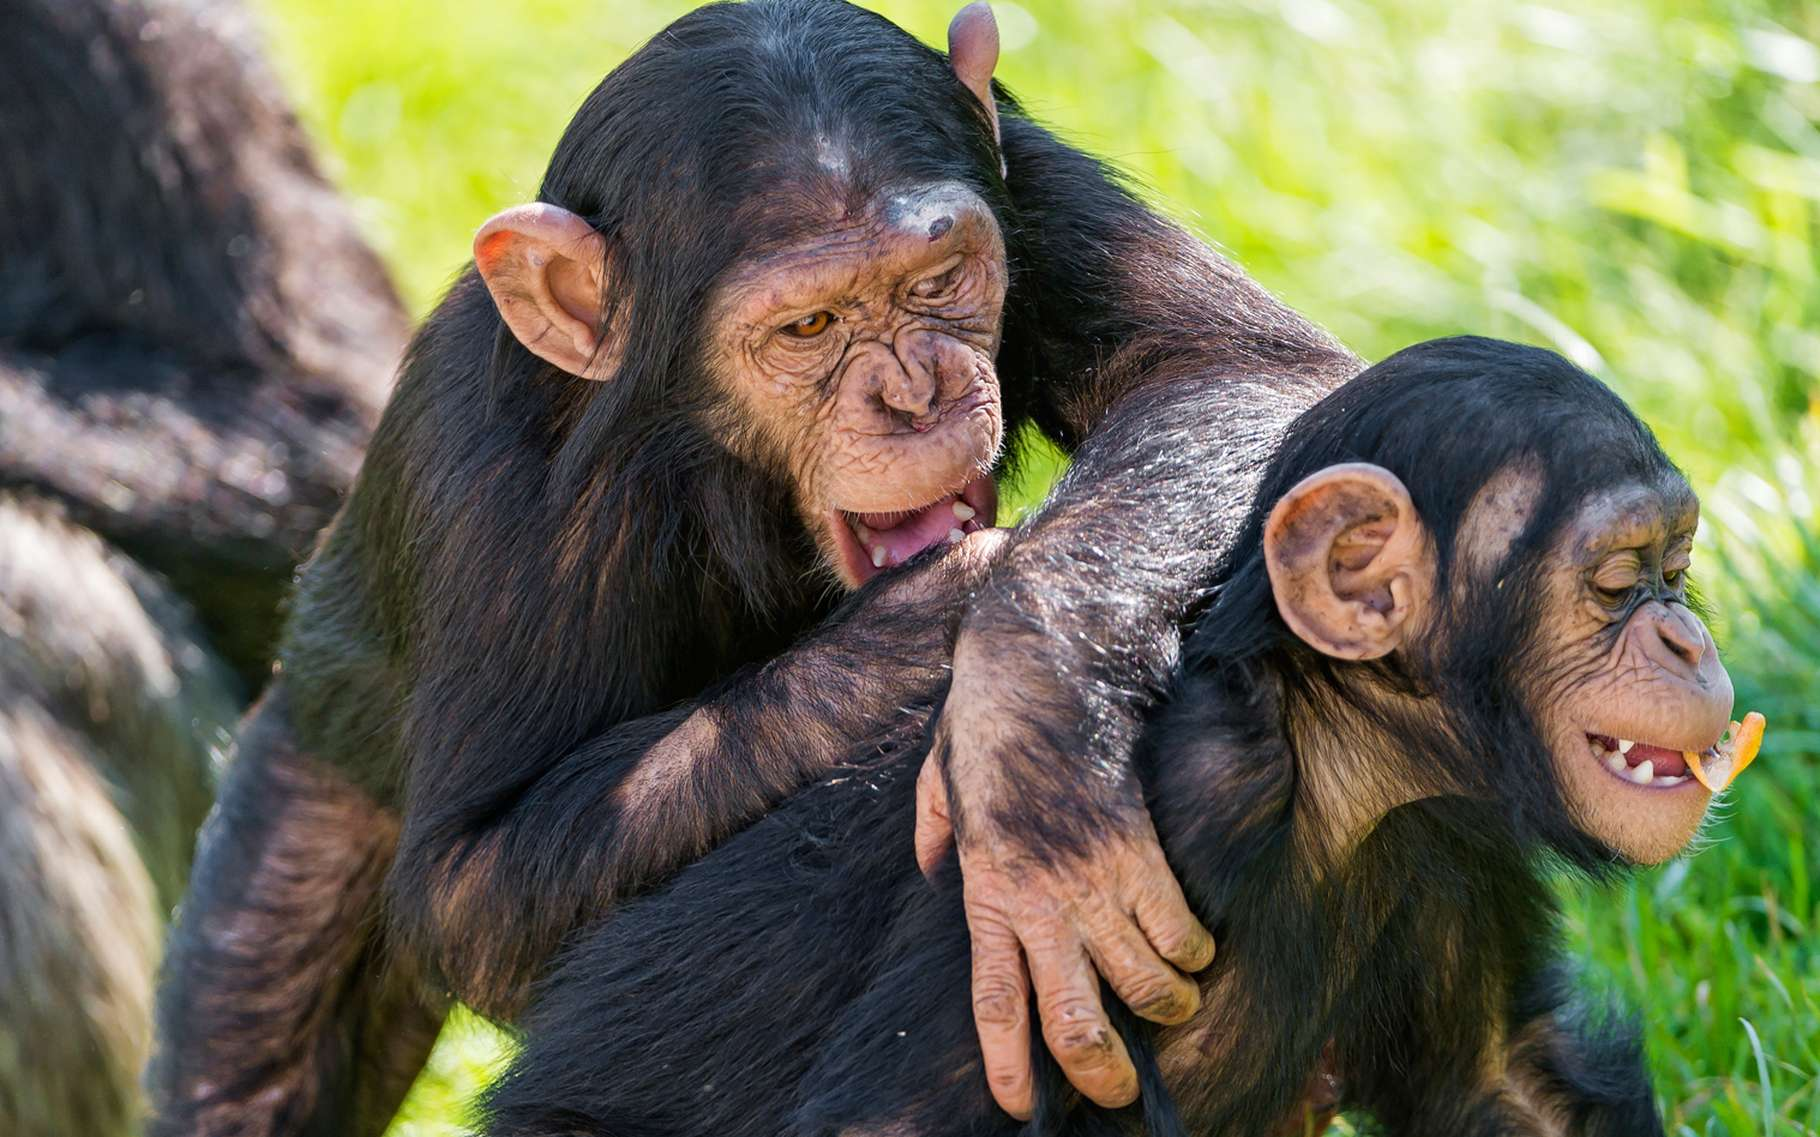 Les grands singes savent qu'un autre peut croire non pas la réalité mais ce qu'il pense être la réalité. © Laura Kehoe (université Humboldt, Berlin)